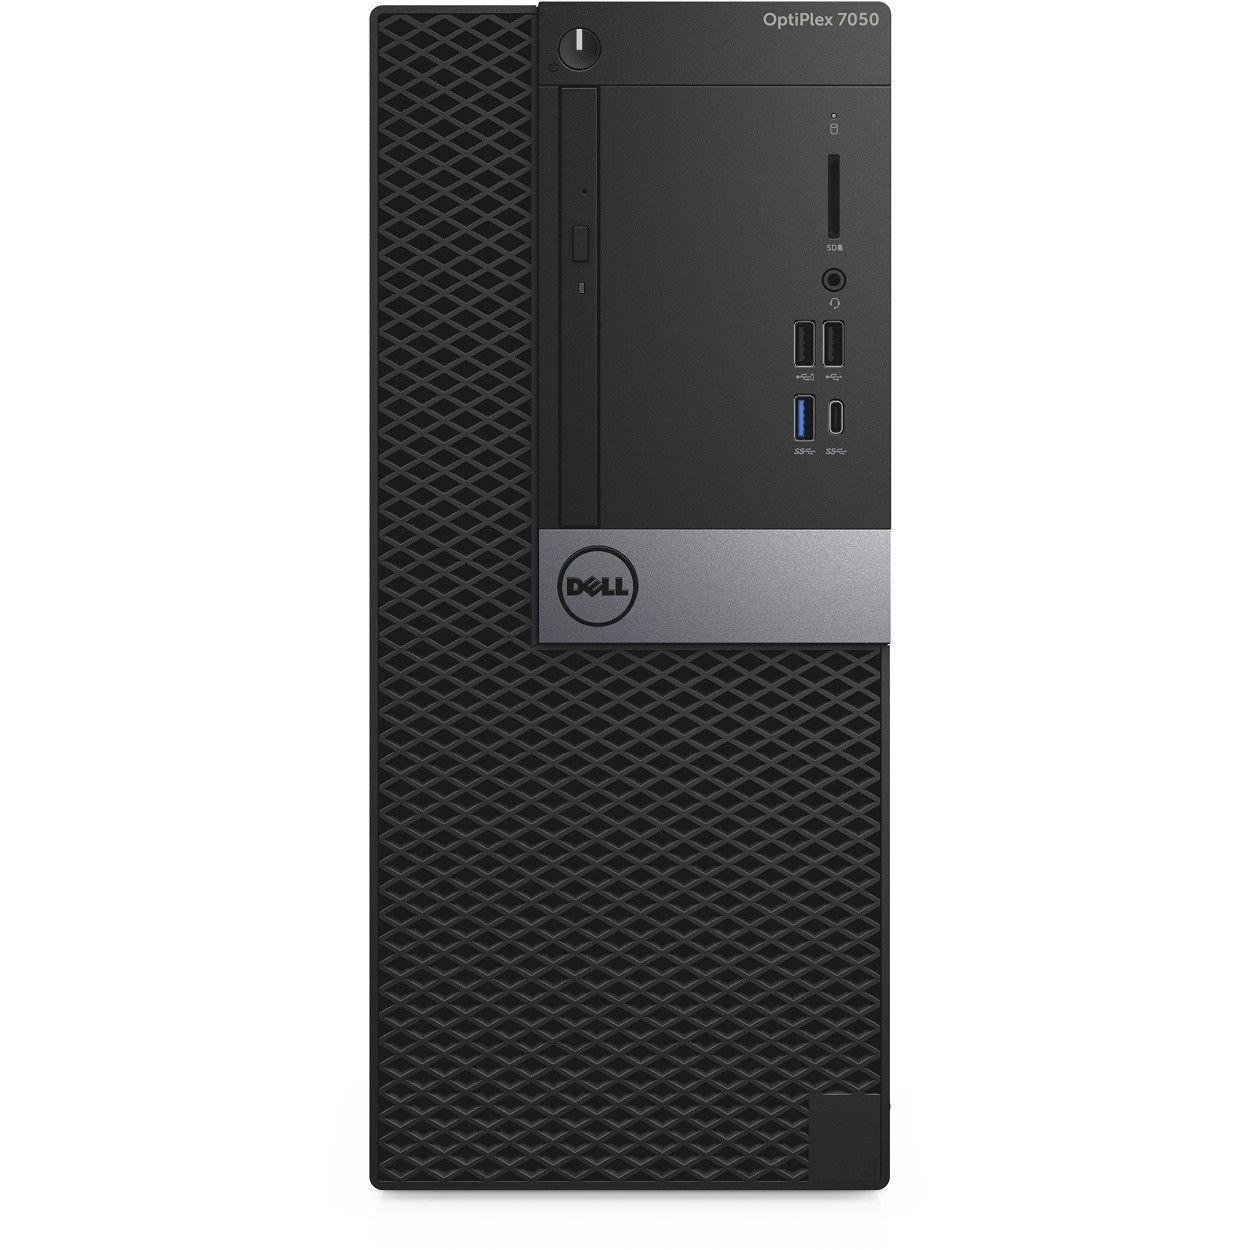 Sistem Brand Dell OptiPlex 7050 MT Intel Core i7-7700 R7 450-4GB RAM 4GB HDD 1TB Windows 10 Pro